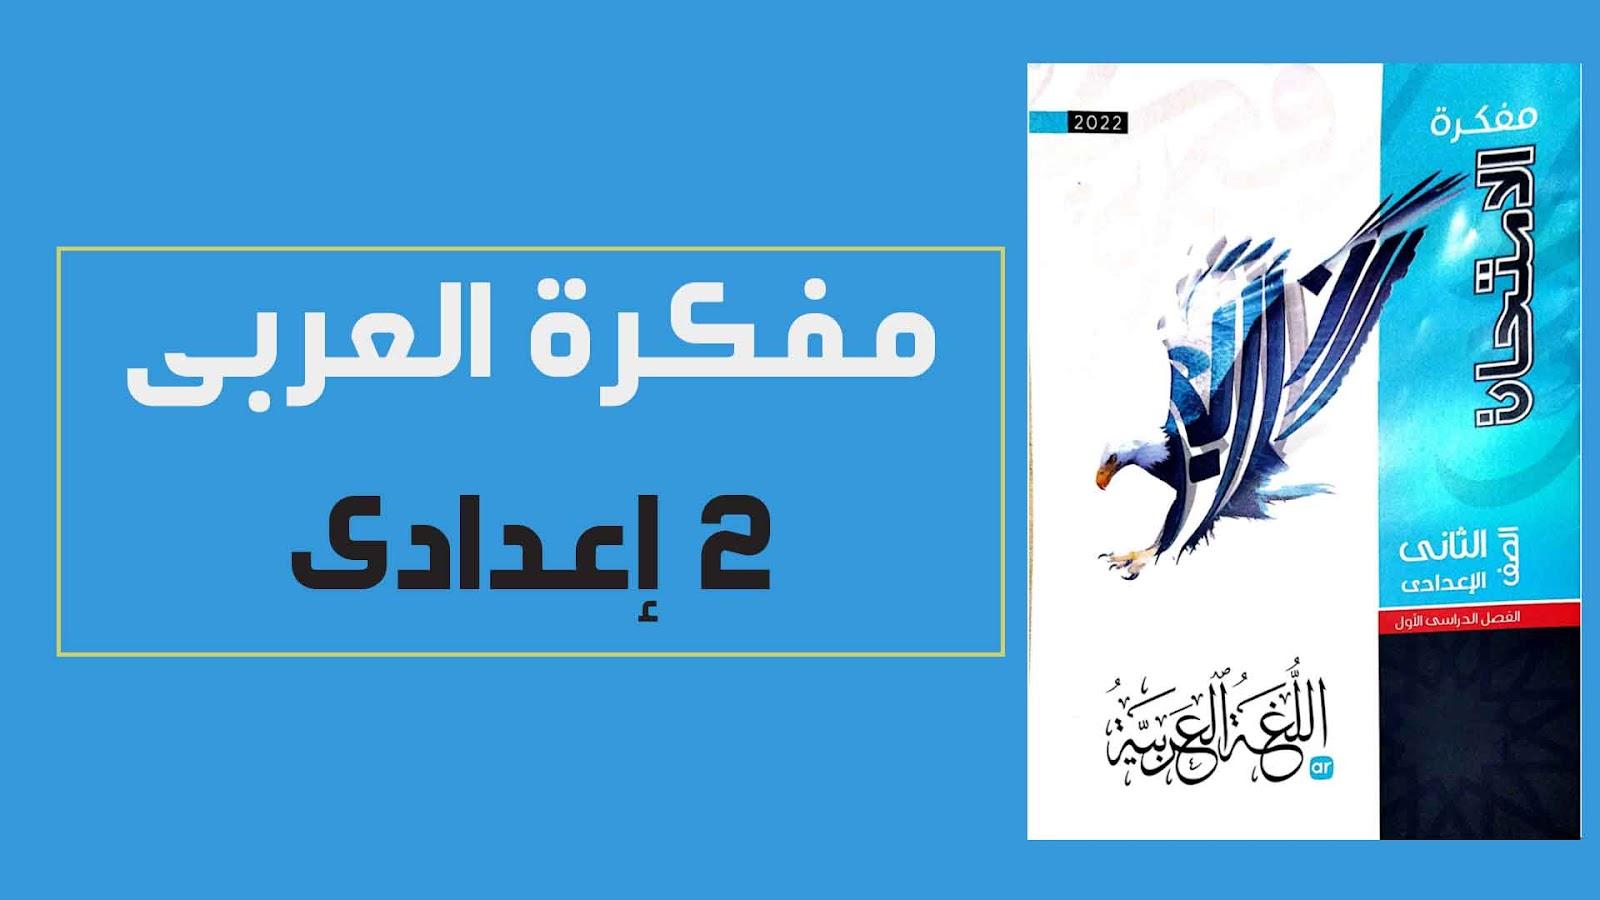 تحميل مفكرة كتاب الامتحان فى اللغة العربية للصف الثانى الاعدادى الترم الاول 2022 pdf